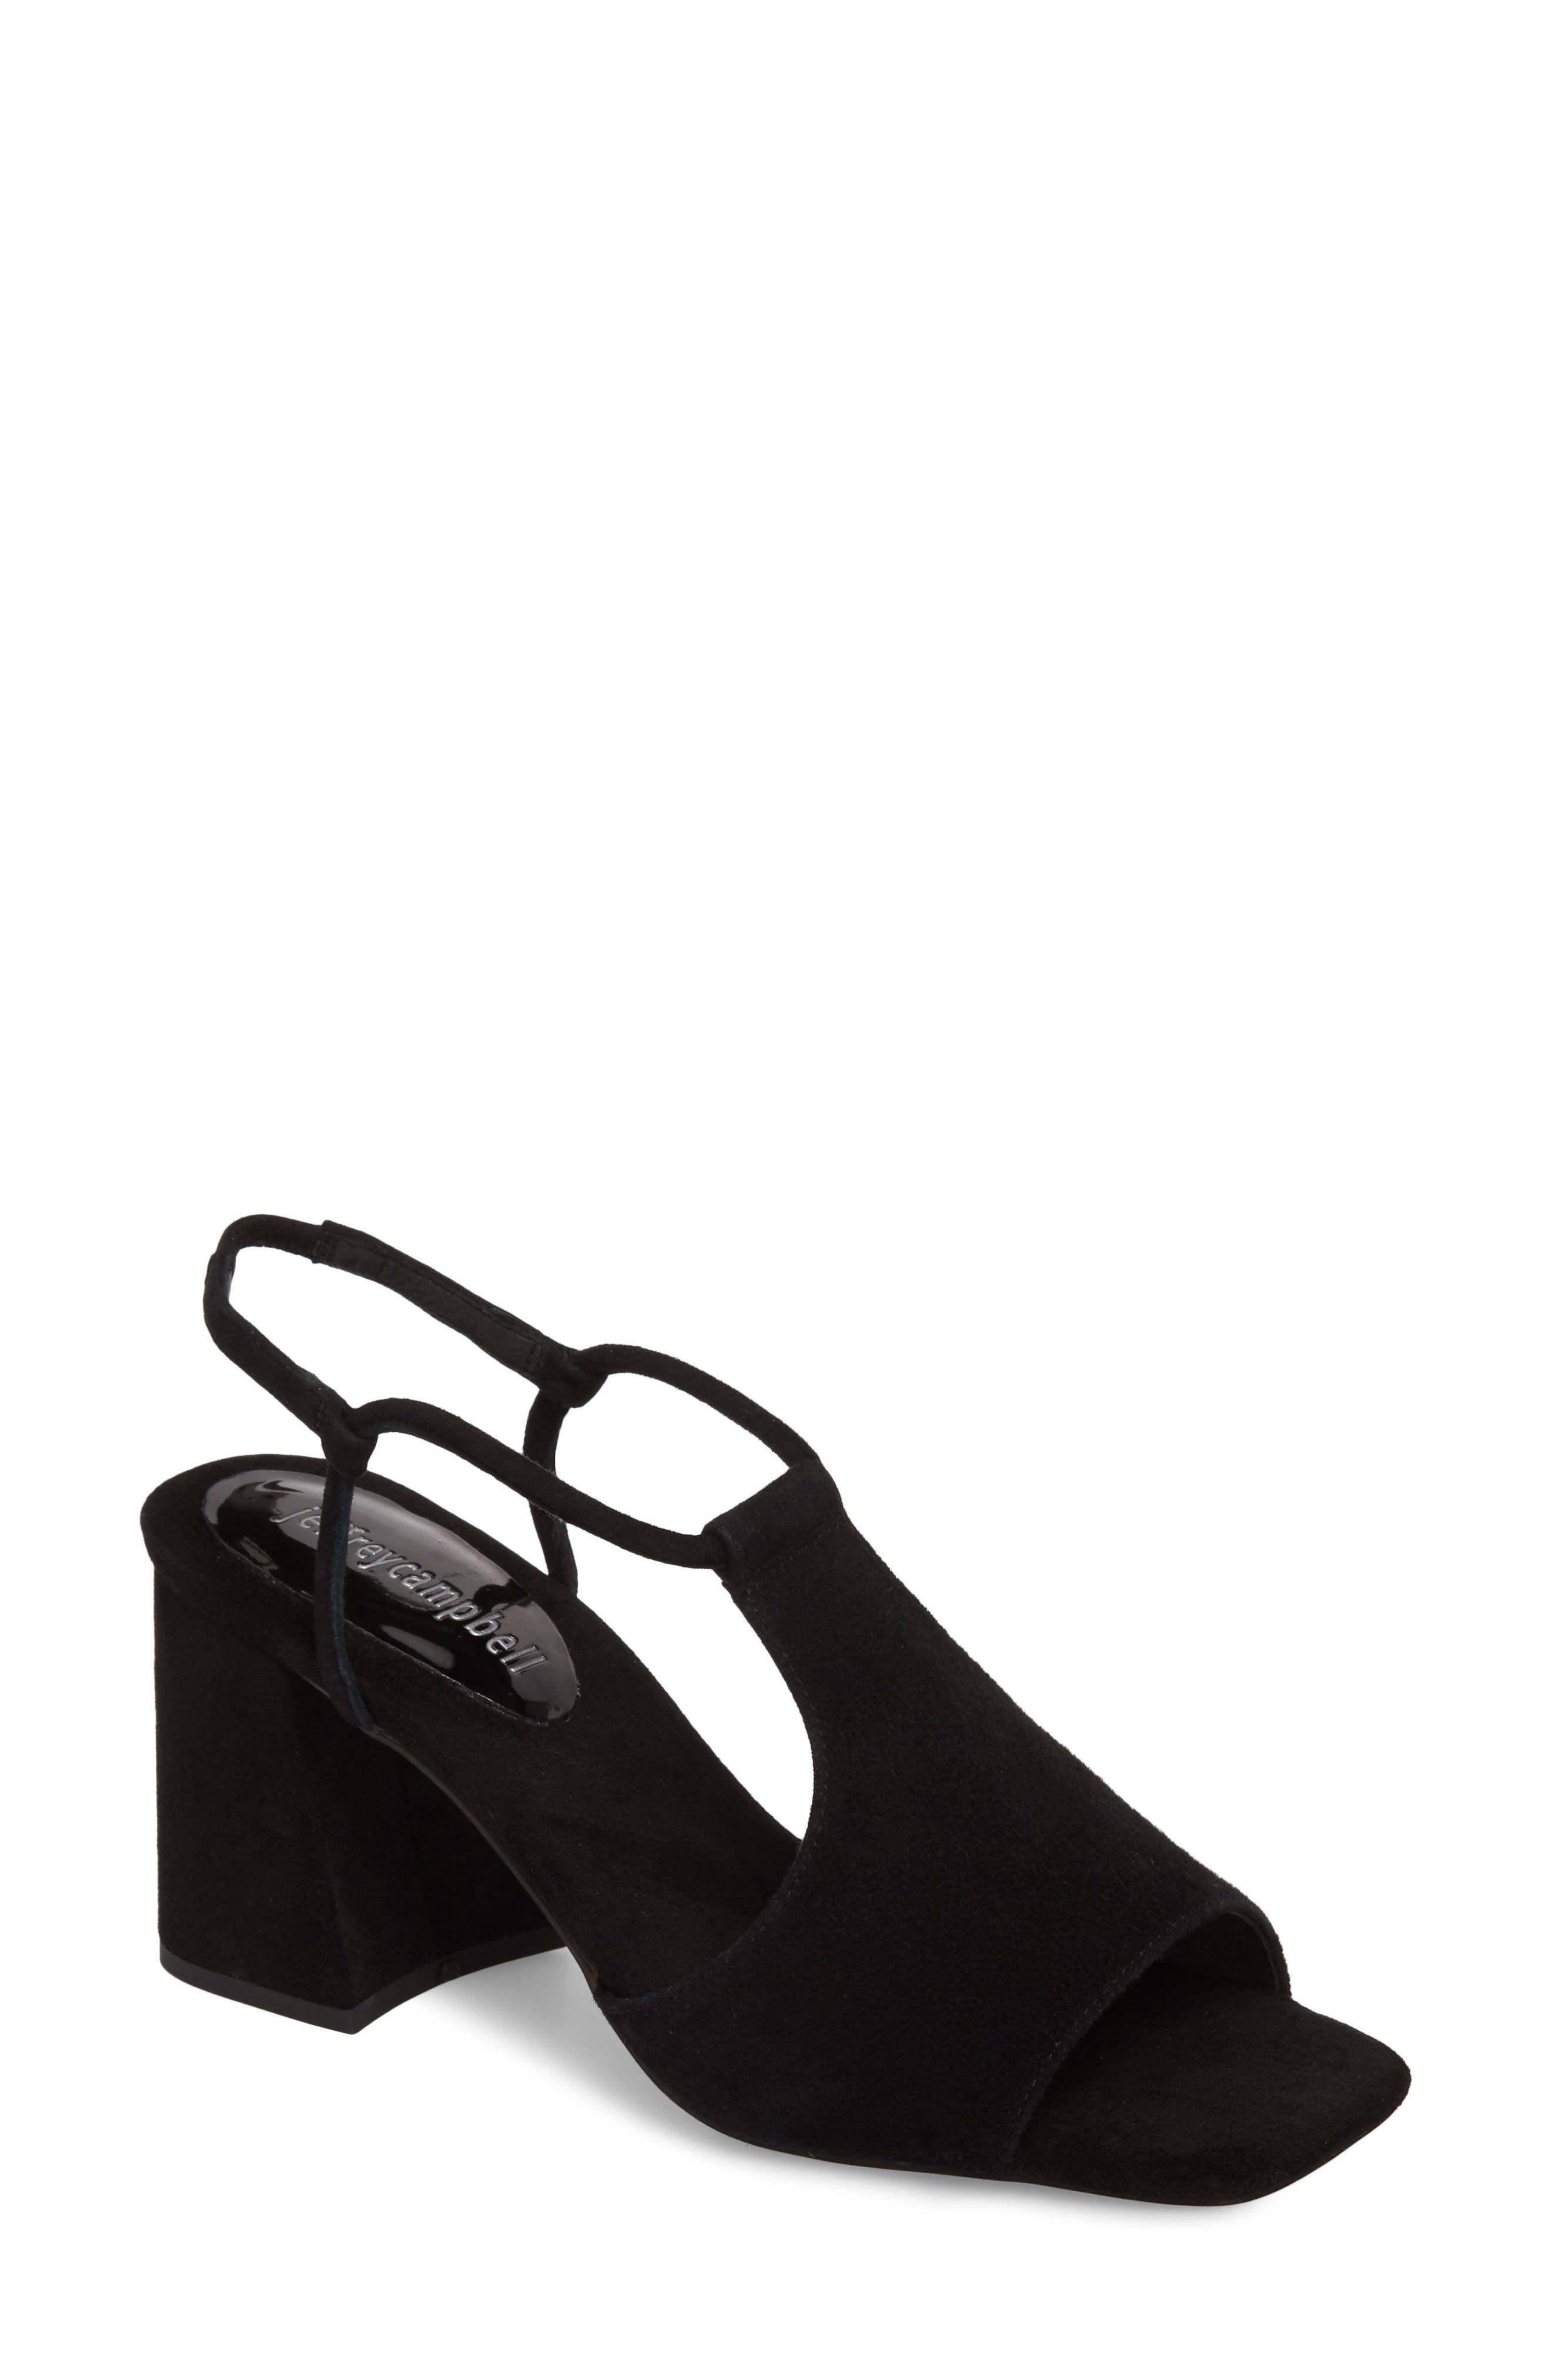 Mercedes Halter Sandal,                         Main,                         color, Black Suede